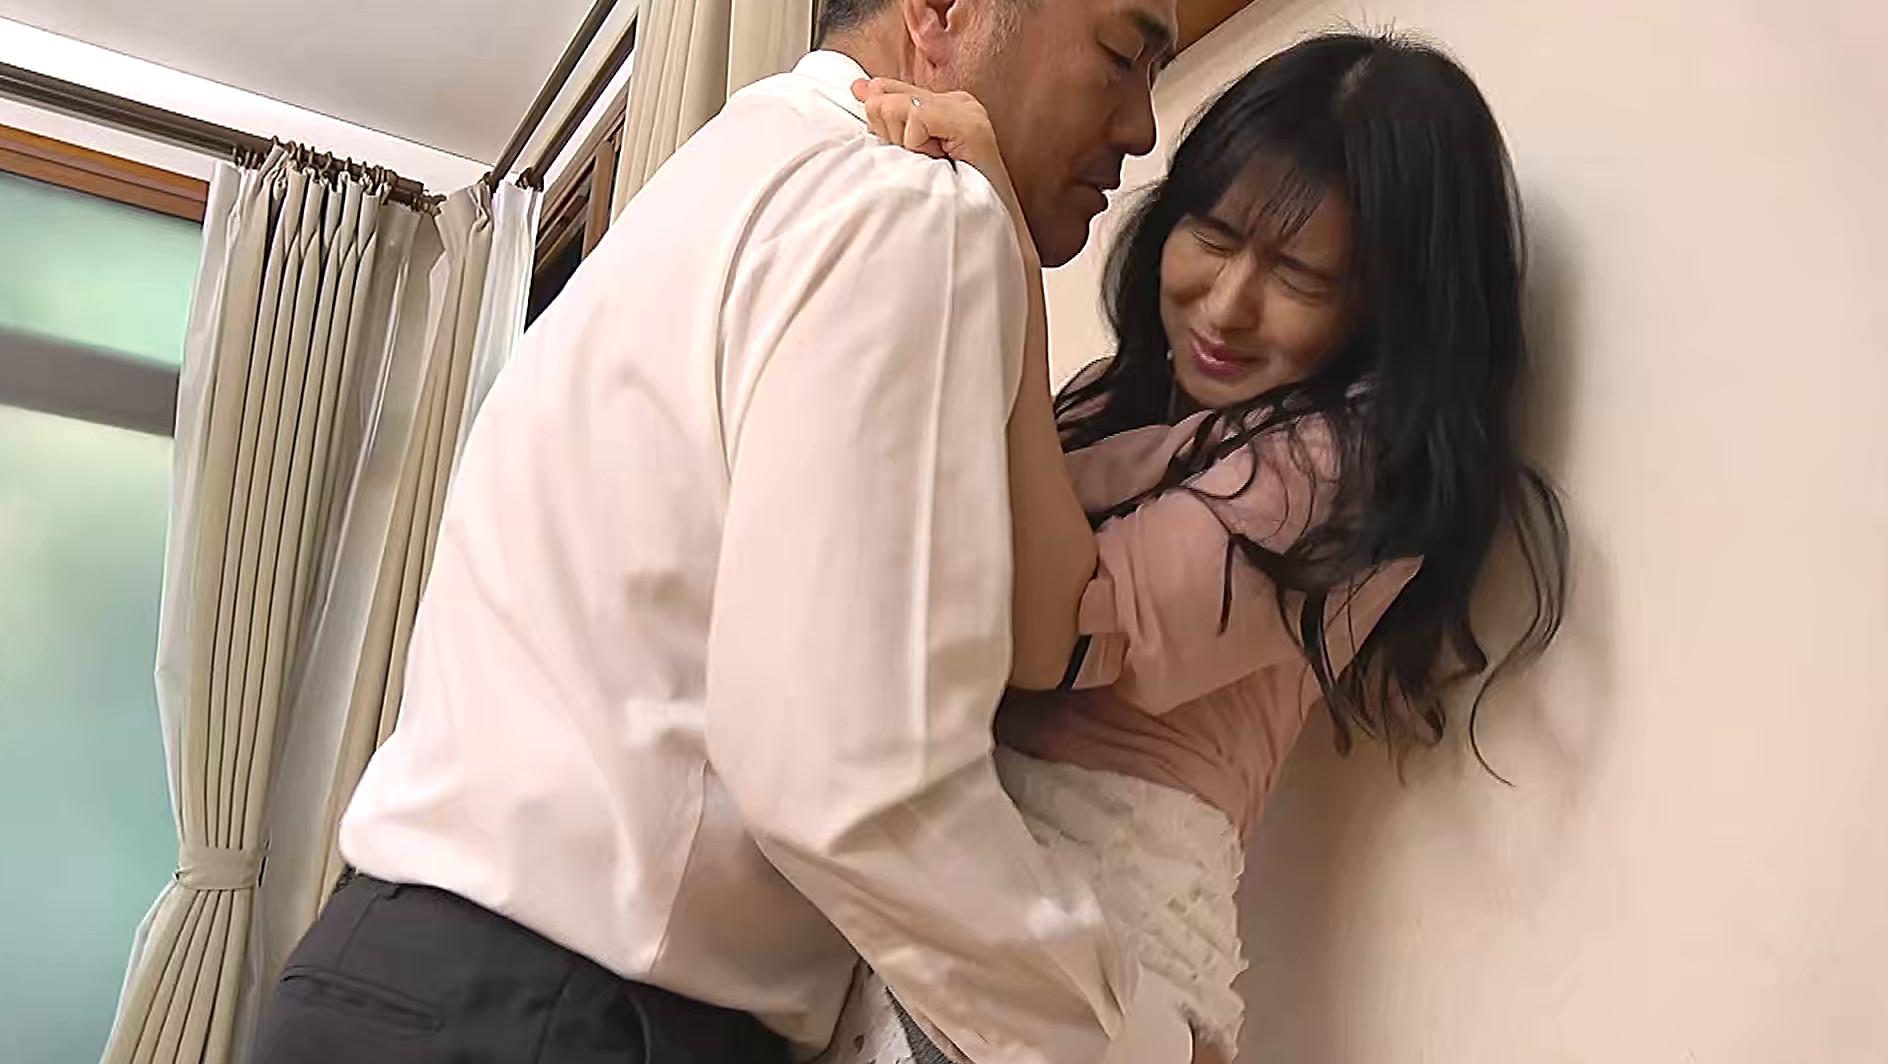 熟妻 夫の上司に体を弄ばれた清純妻 パソコンサービスの男に恥部をしつこく舐められた五十路妻 画像3